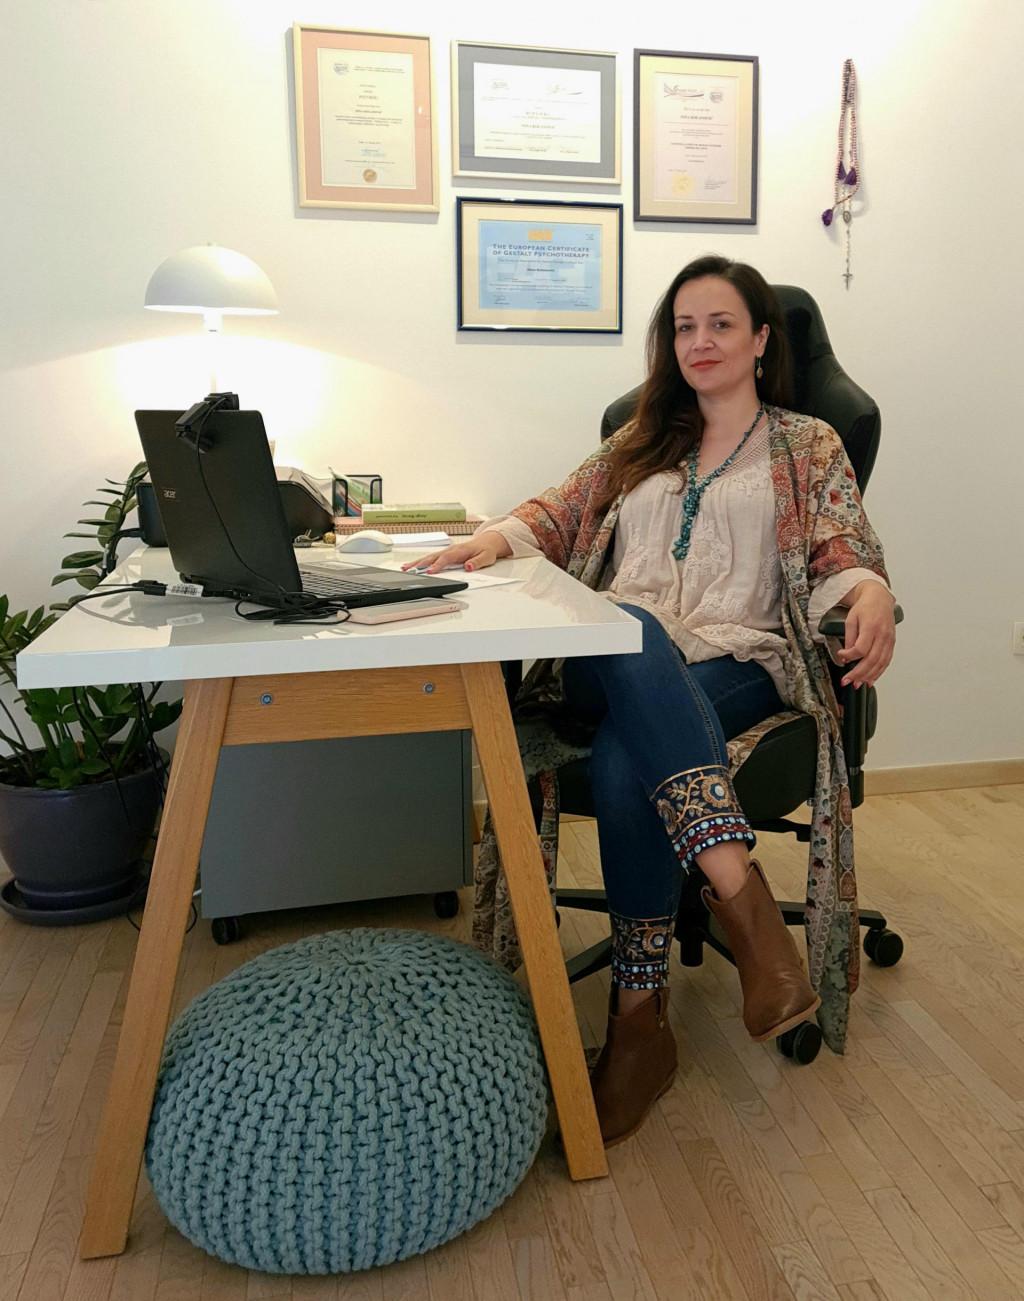 Psihologinja Nina Kolanović geštalt je psihoterapeutkinja i učitelj pri EAPTI Psihika u Zadru